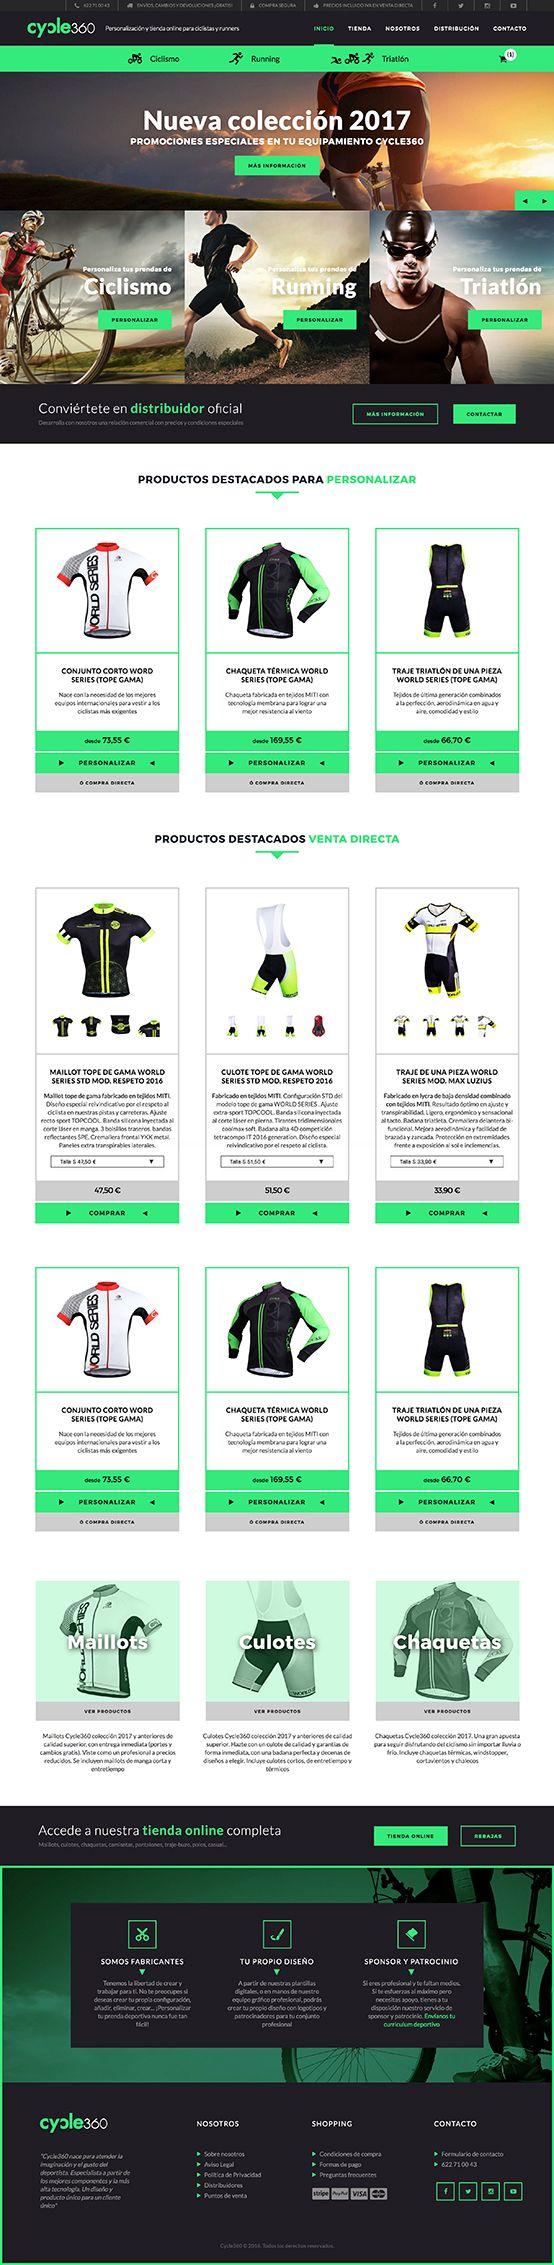 Cycle360 es un tienda online que permite la personalización de prendas deportivas de ciclismo, triatlón y running, realizada con Jimdo personalizando la plantilla y los distintos elementos. Presenta una imagen muy dinámica y deportiva, con un original efecto en el modo en que se oculta y se muestra la cabecera y menú al hacer scroll.